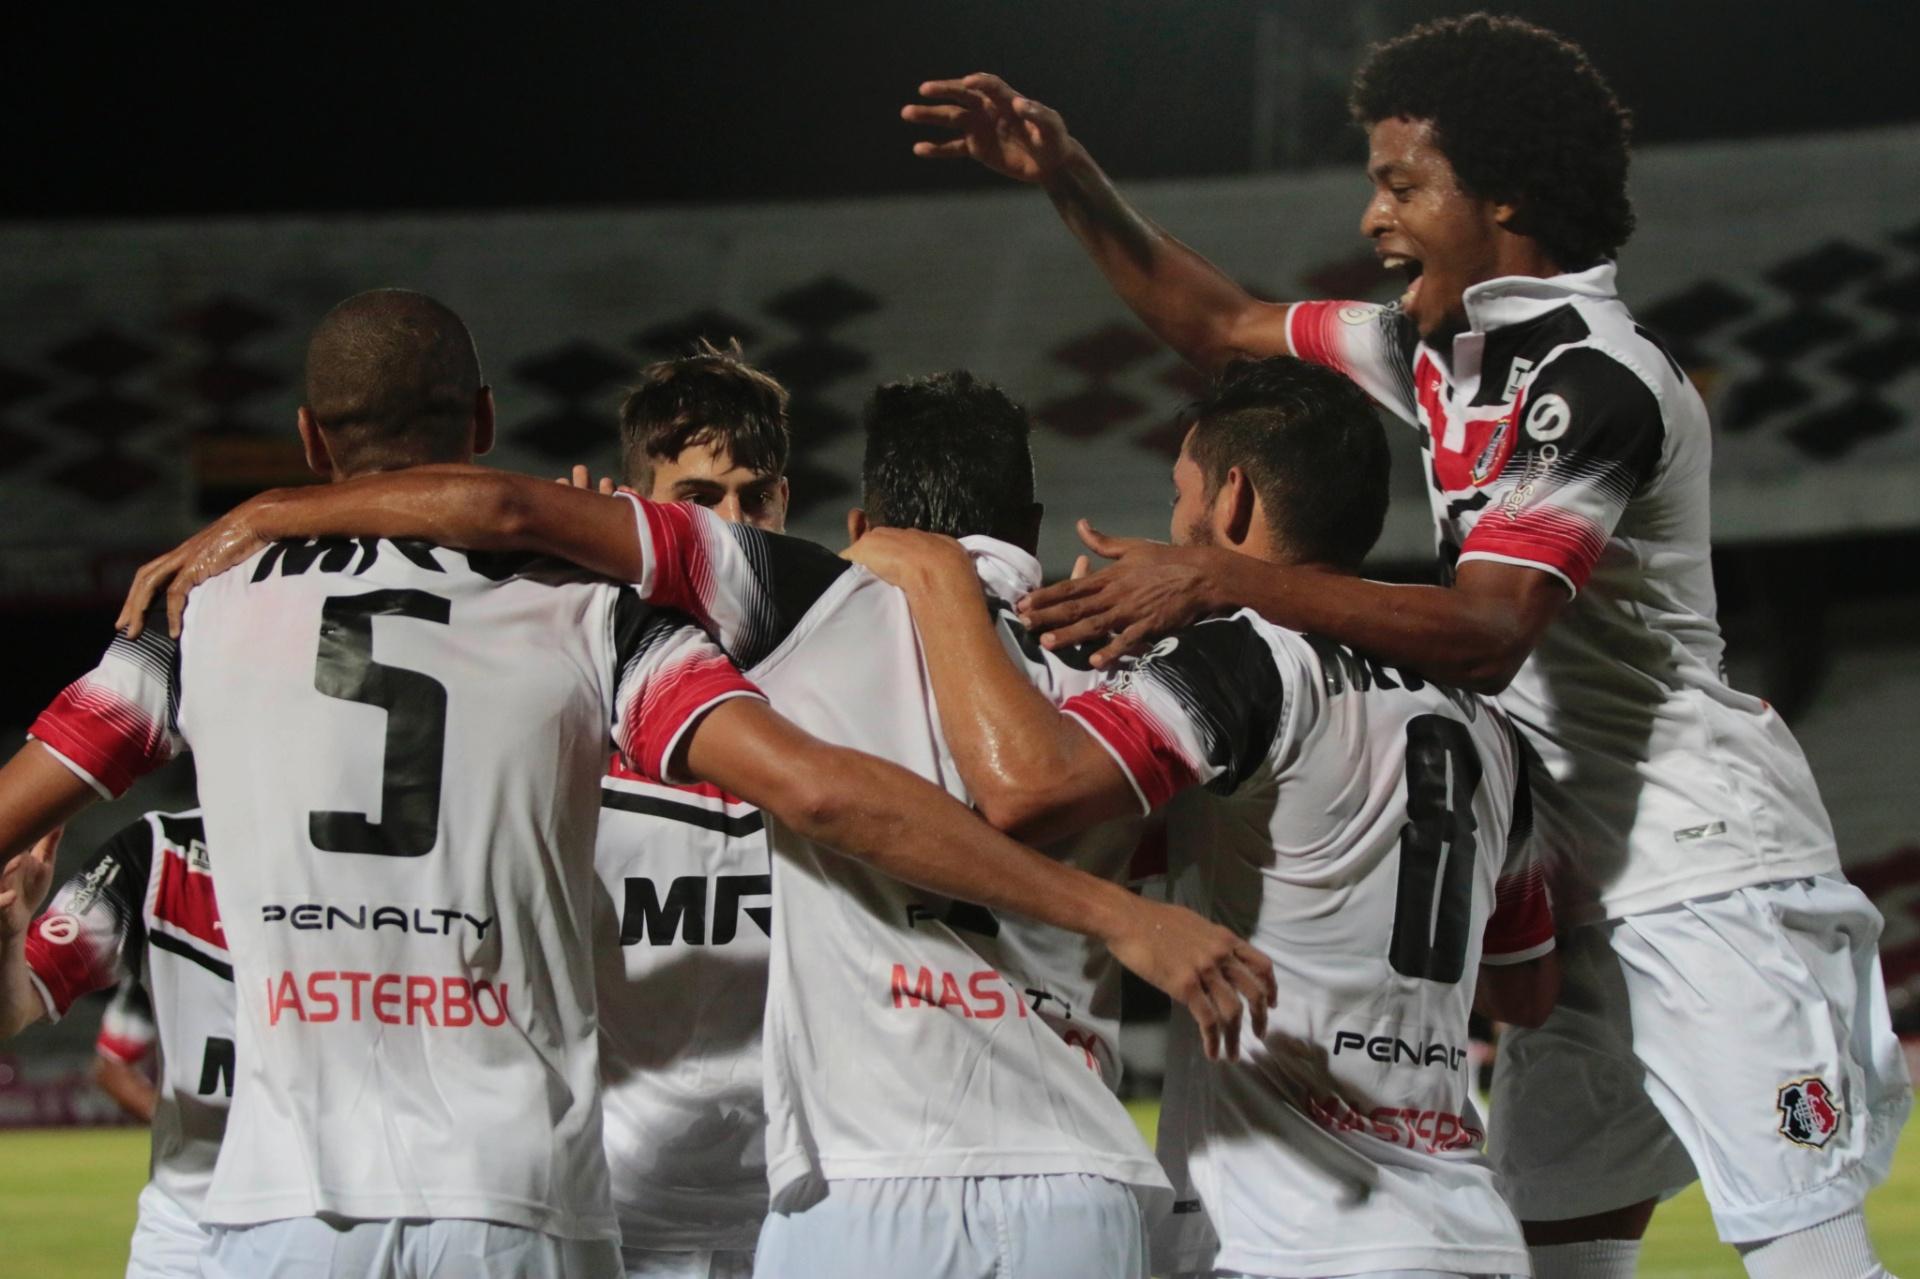 b3fa2b9bd3c4b Grêmio reserva leva cinco do Santa Cruz antes de final da Copa do Brasil -  27 11 2016 - UOL Esporte